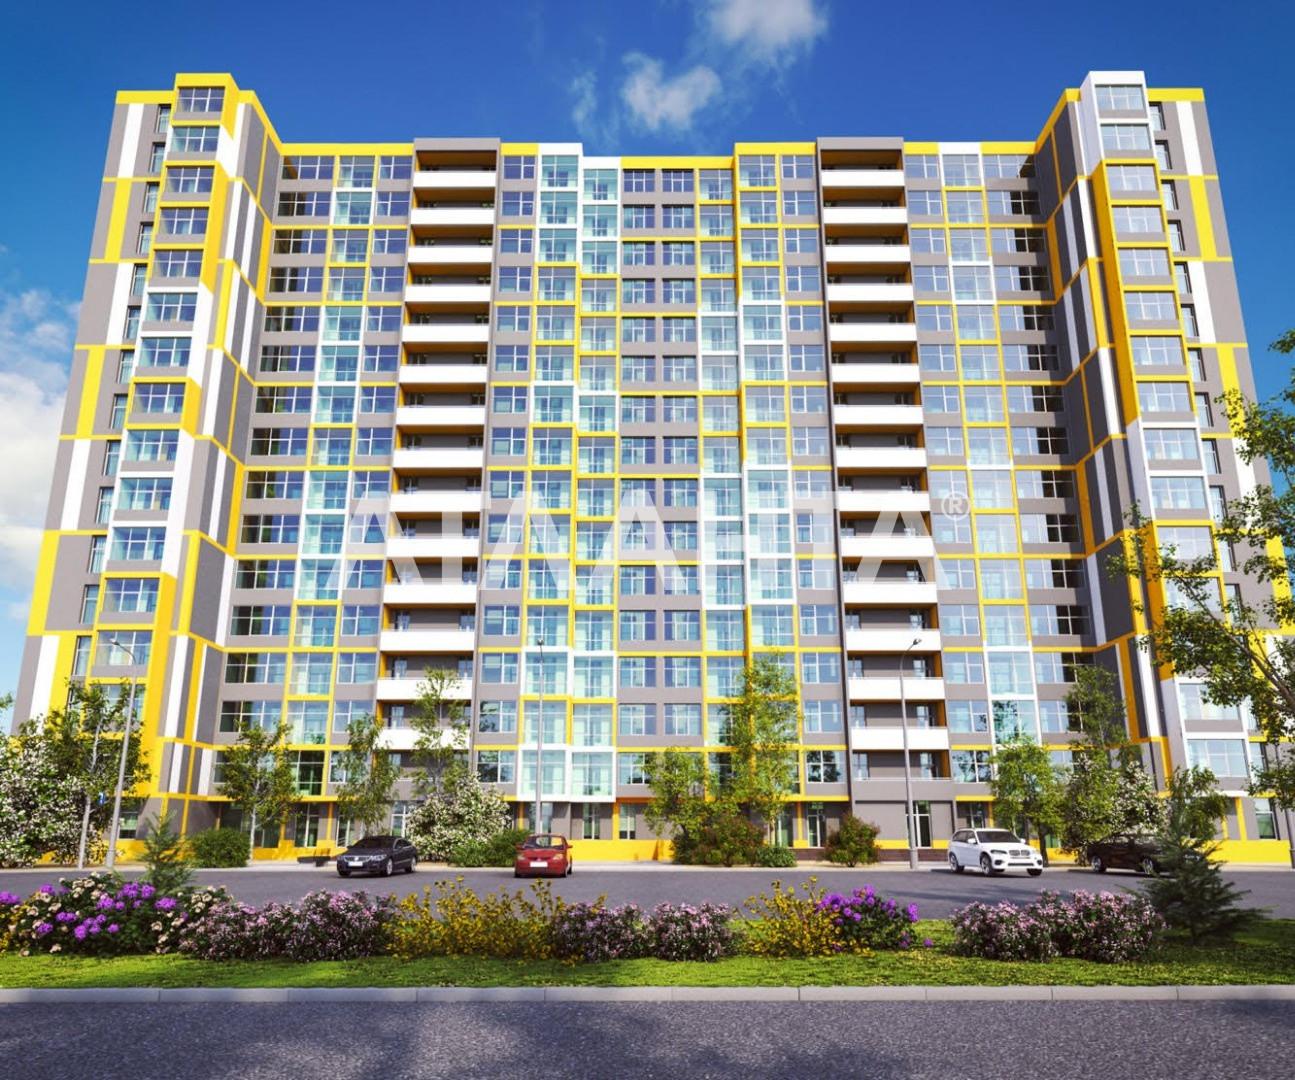 Продается 1-комнатная Квартира на ул. Бугаевская (Инструментальная) — 19 580 у.е. (фото №3)